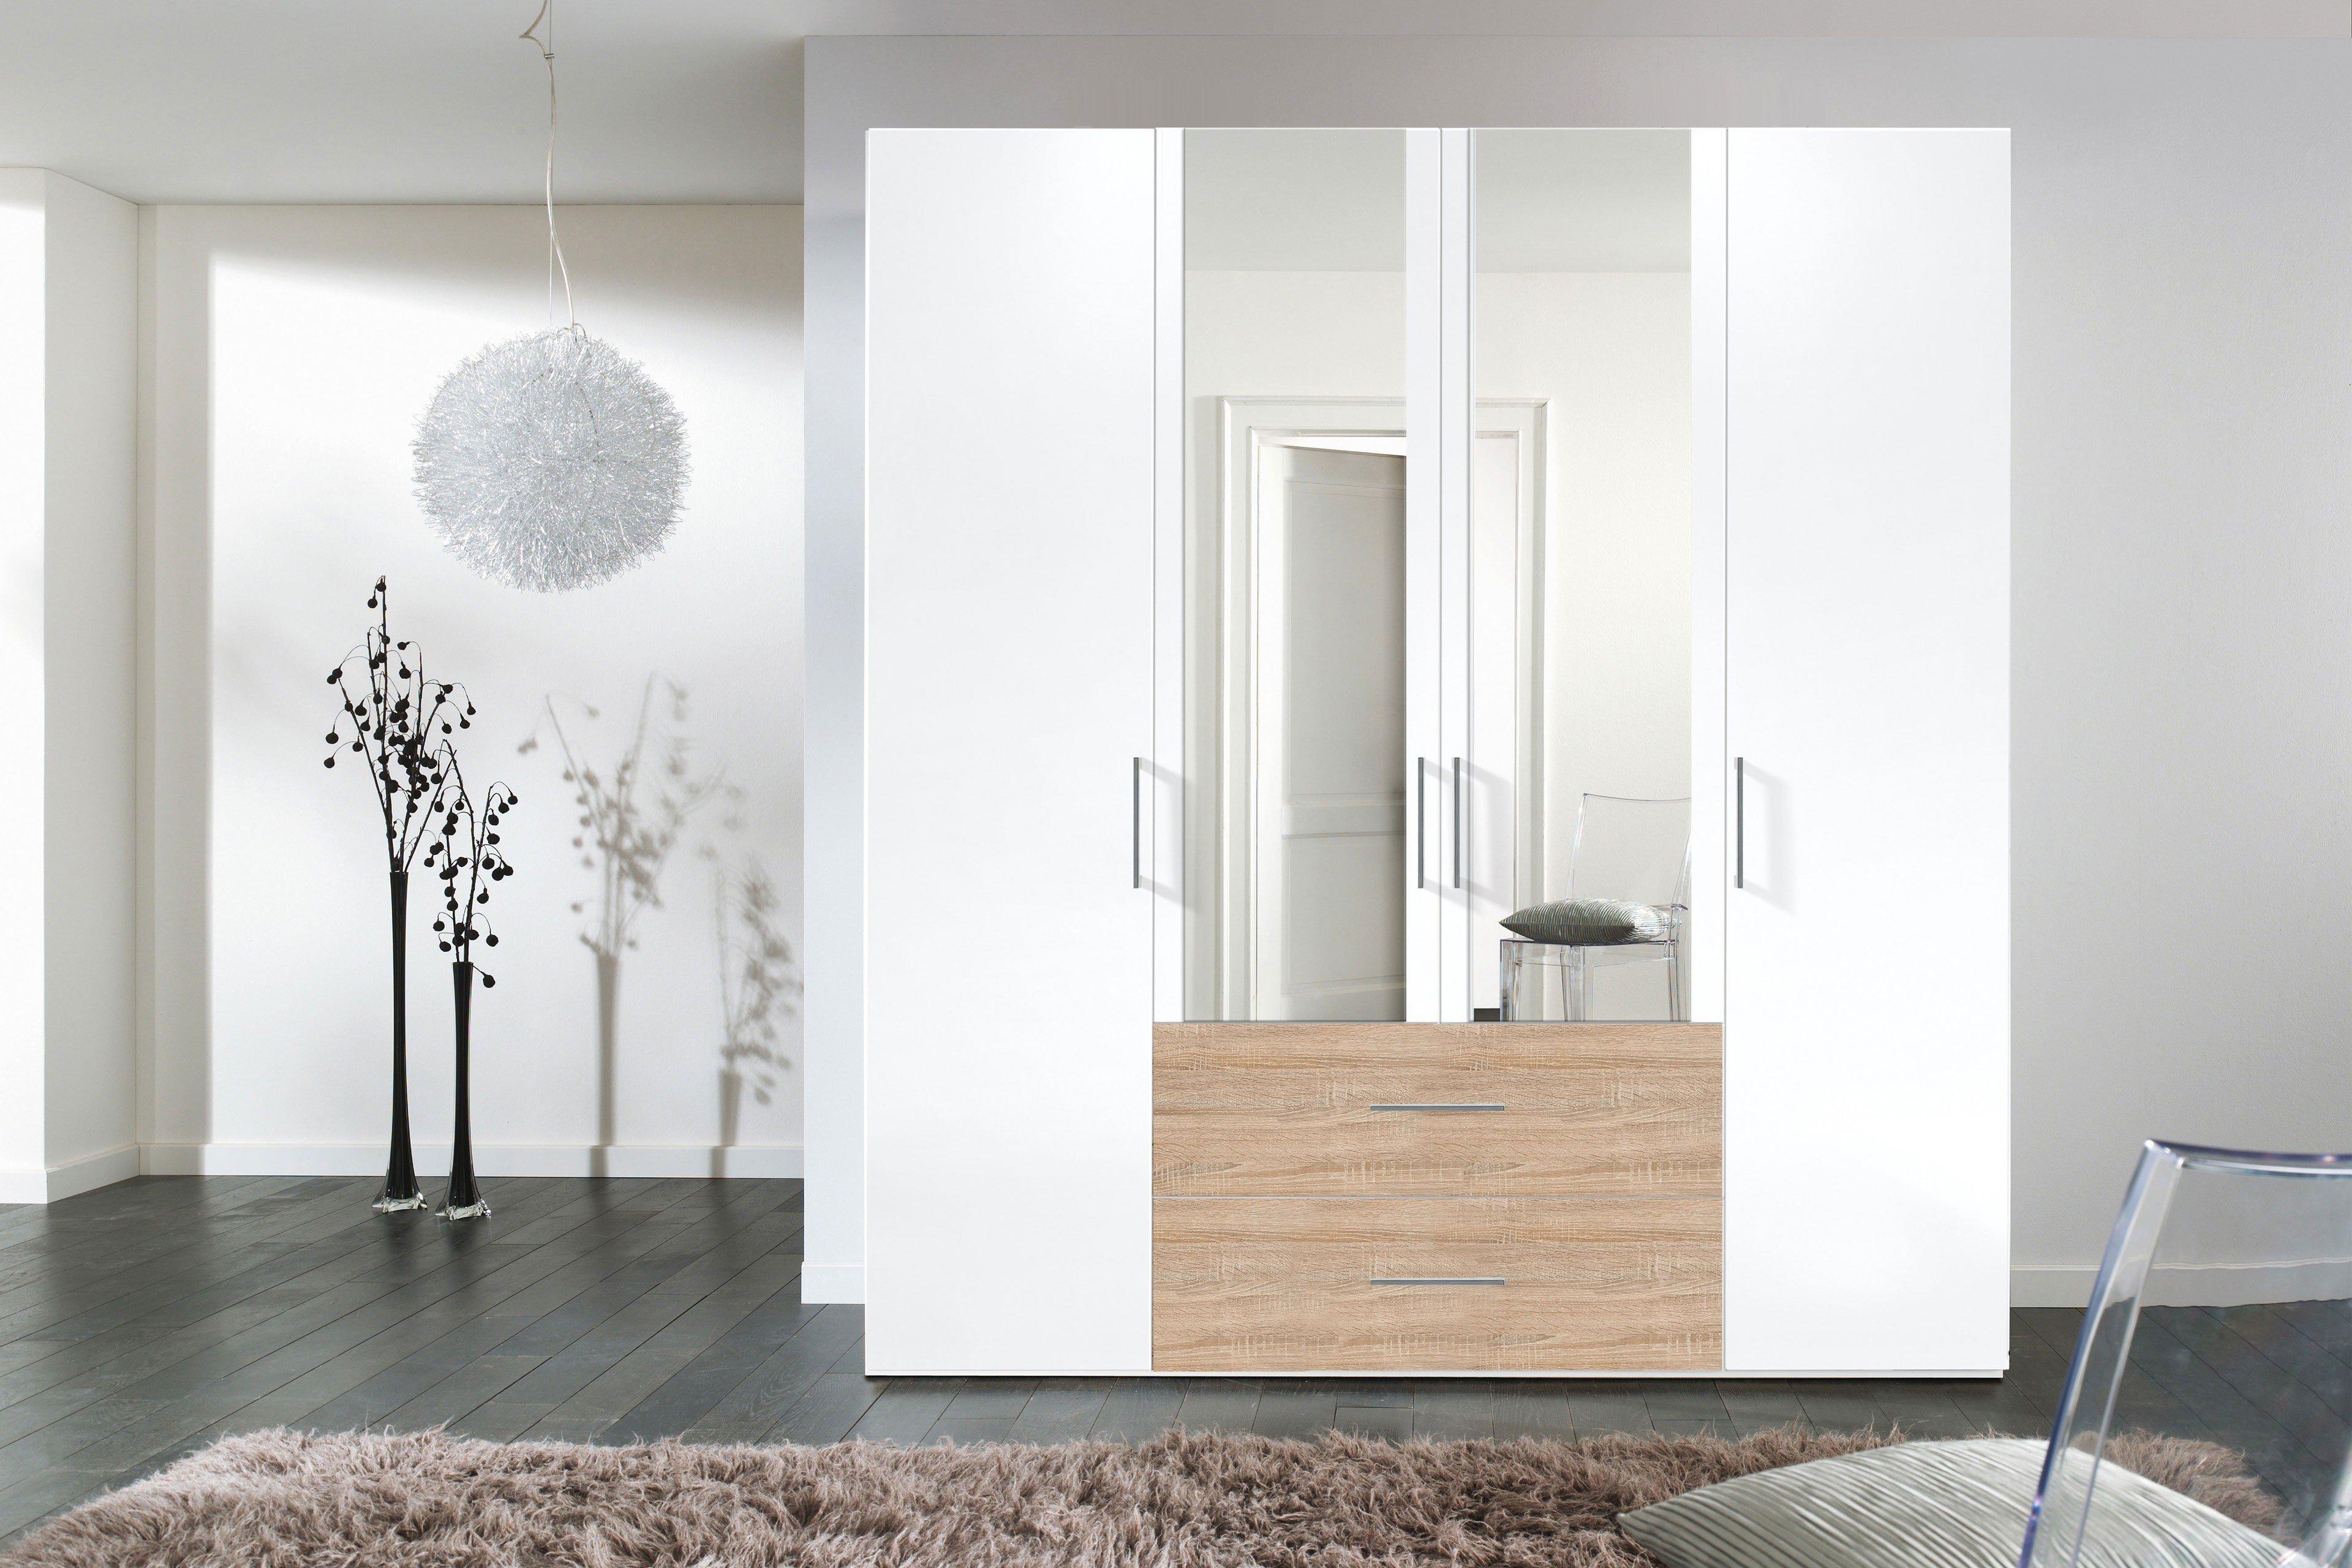 Exceptional Einfache Dekoration Und Mobel Individuelle Schraenke Made In Germany 2 #1: Brooklyn Von Express - Schrank Weiß Schubkästen Sonoma Eiche